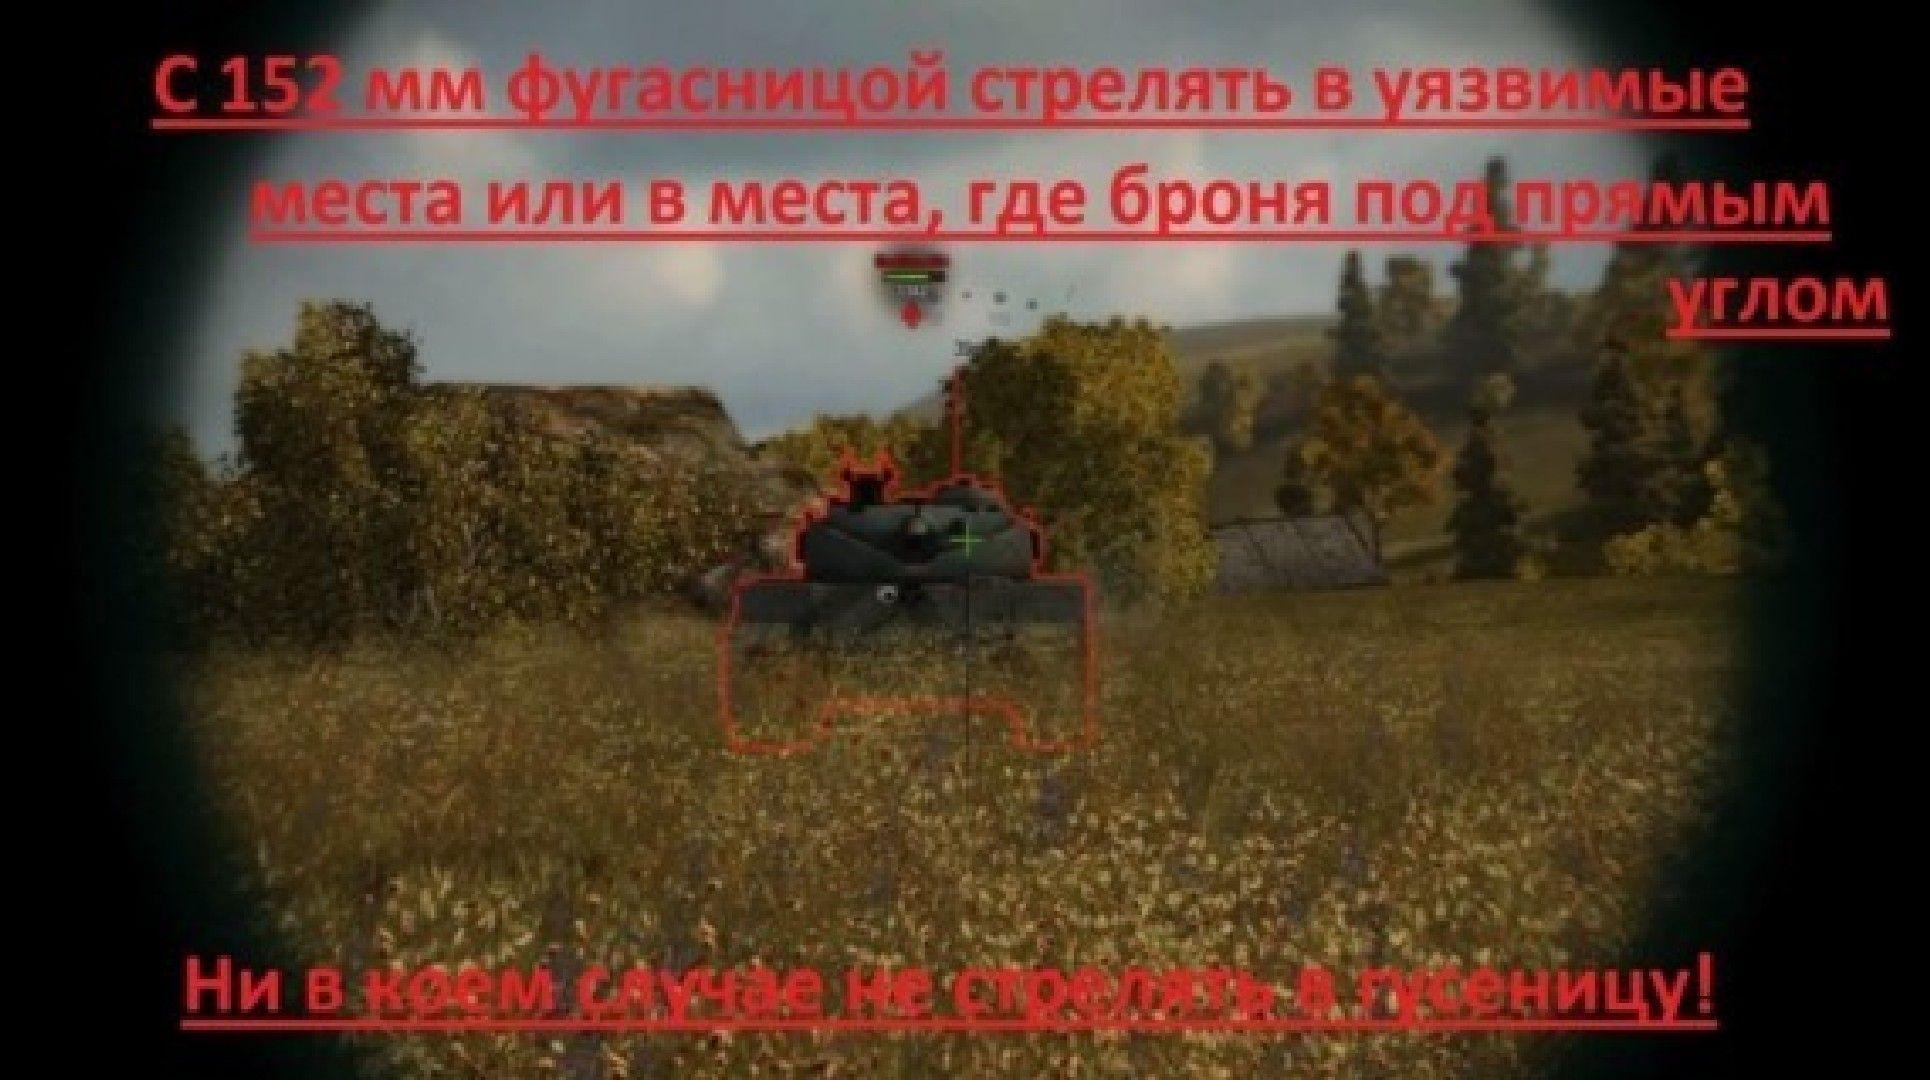 Как играть на КВ-2 с орудием М-10 152 мм